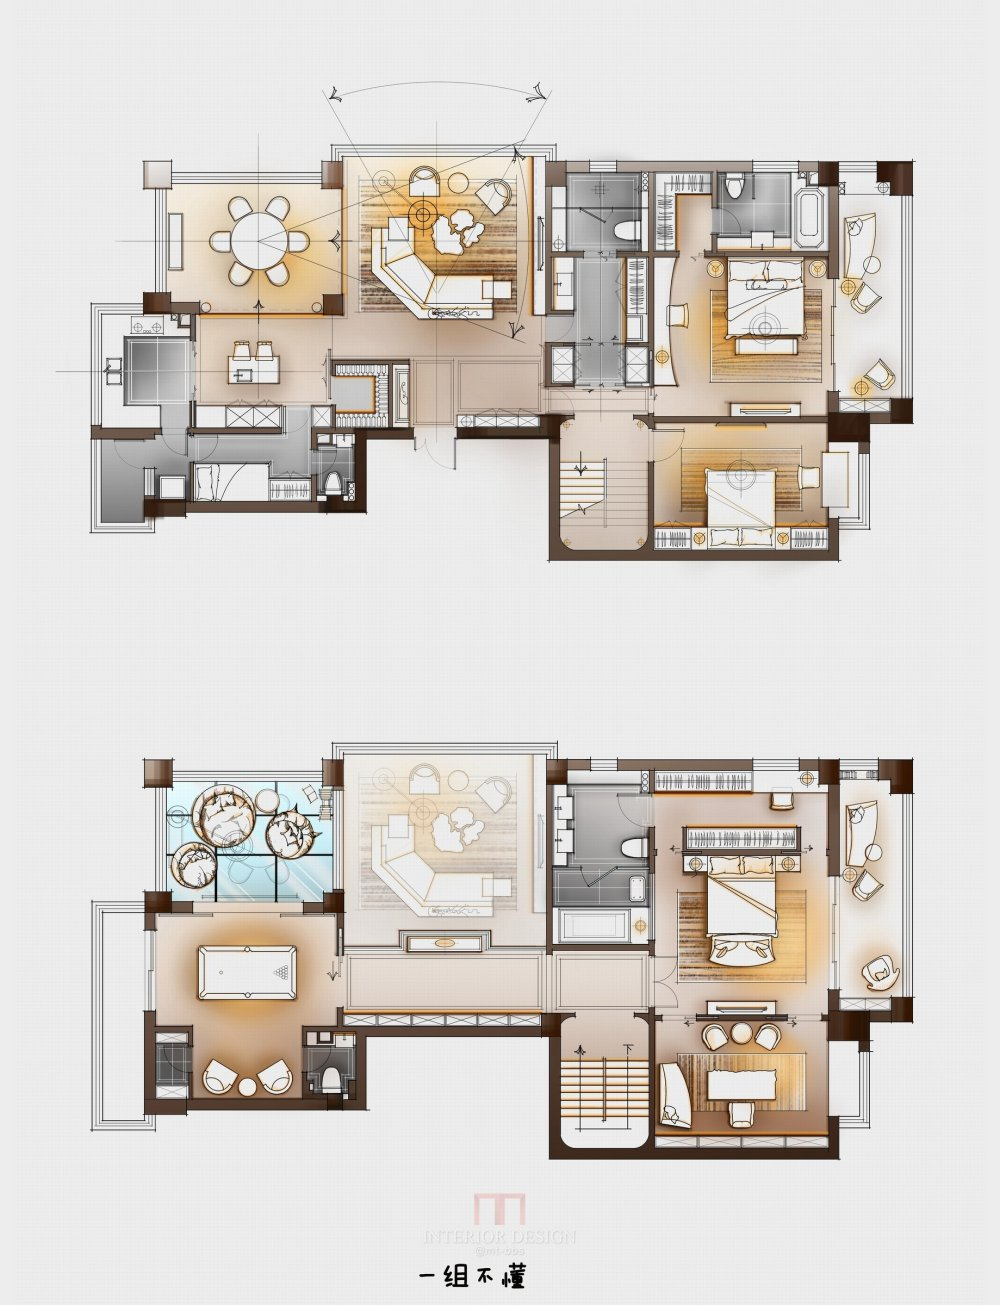 【第13期-住宅平面优化】一个390m²跃层住宅11个方案 投票奖DB_02.jpg